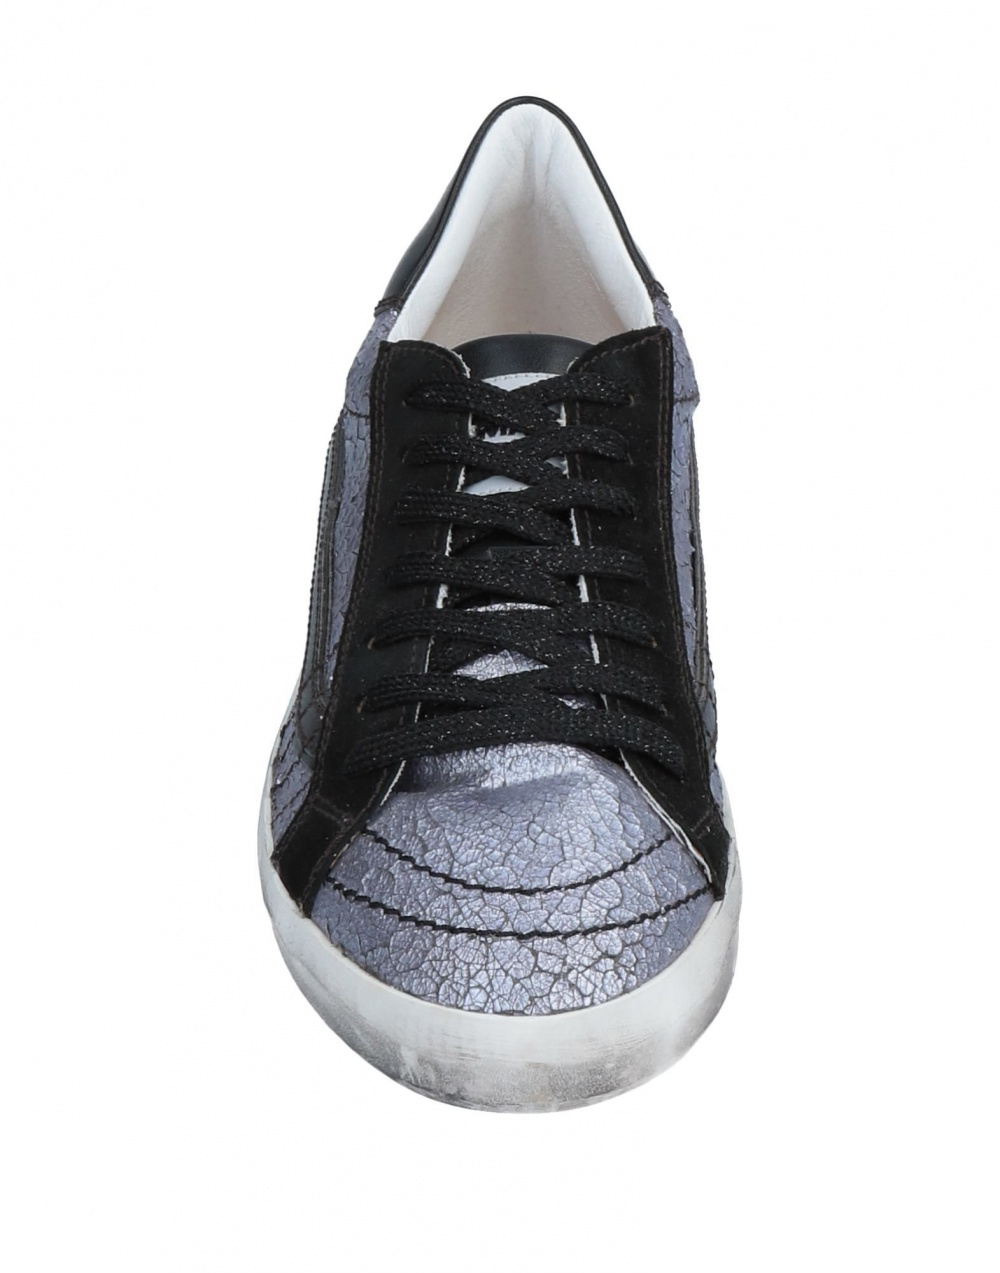 Кожаные кроссовки Primabase 40-41 размера